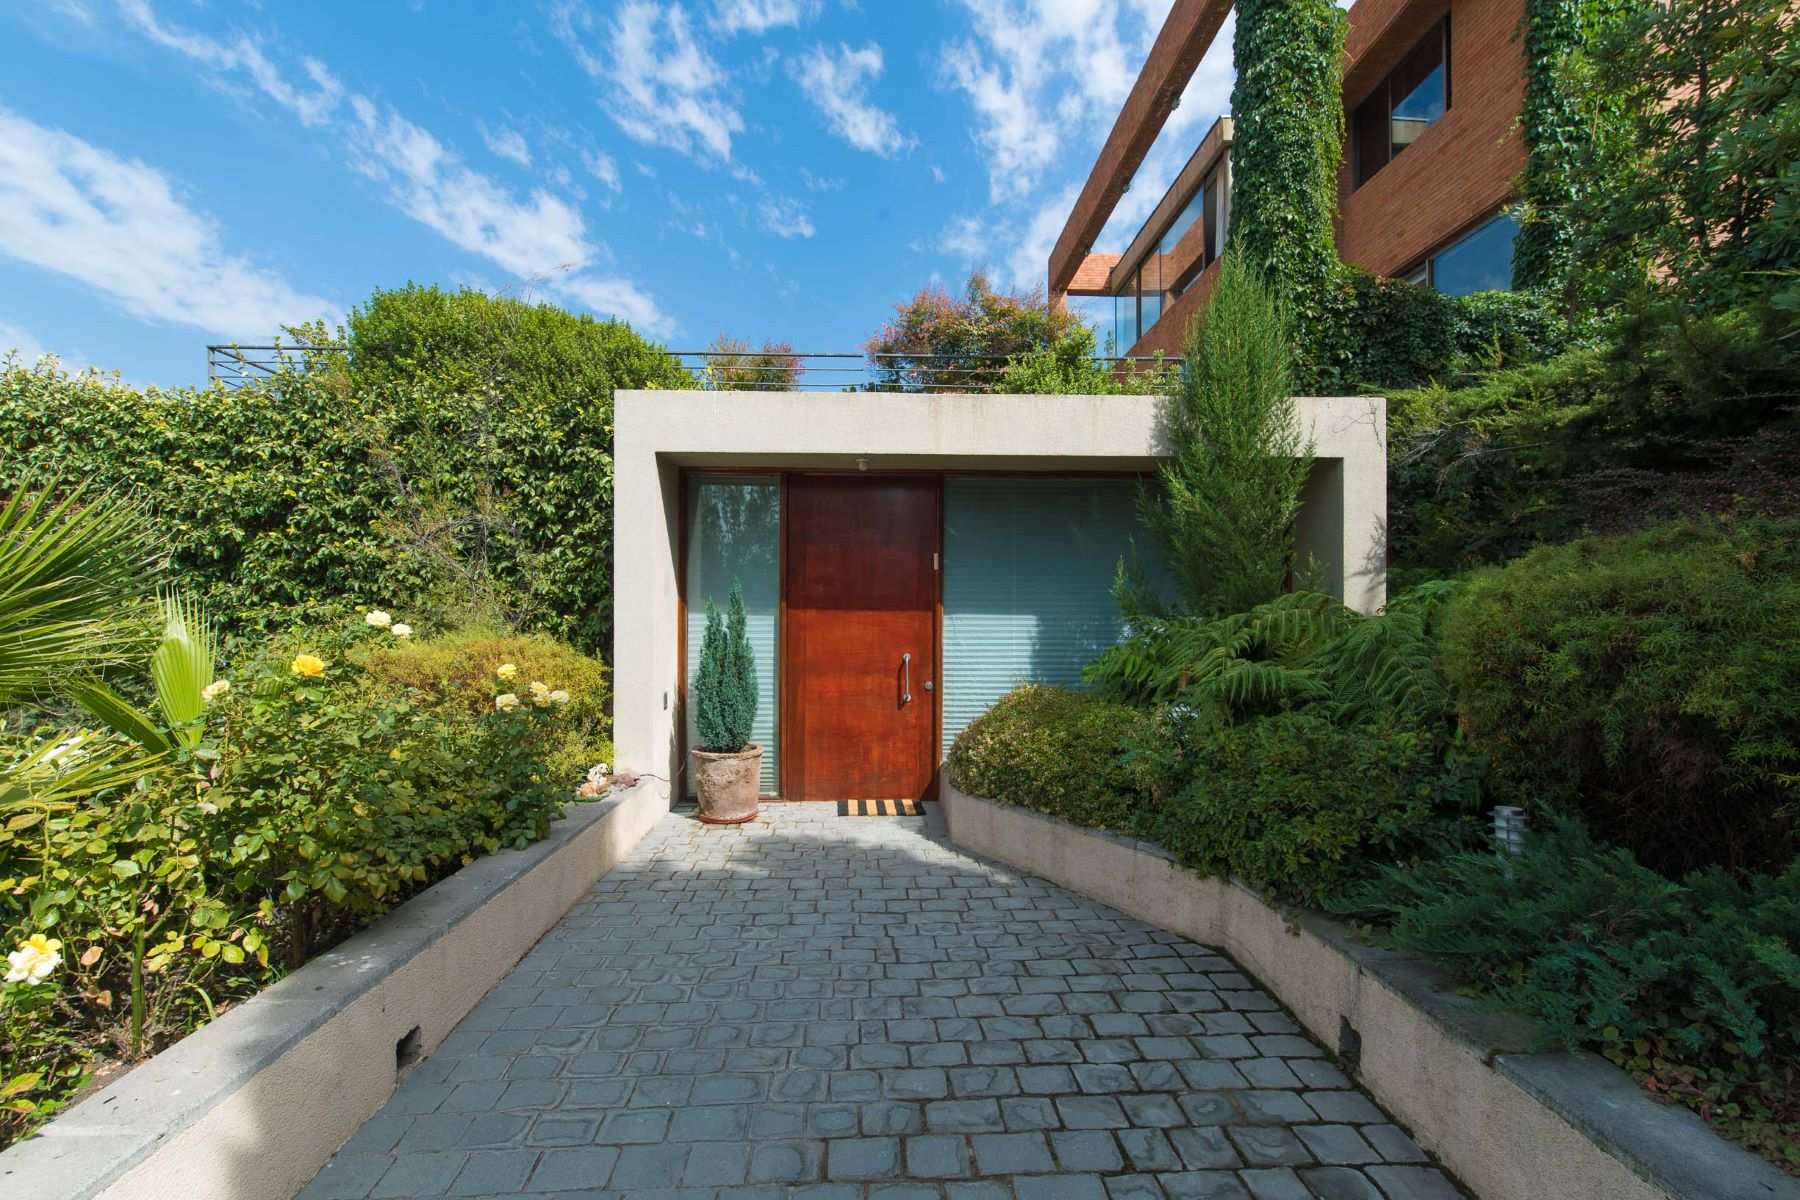 Maison unifamiliale pour l Vente à Excellent and Modern Architecture in La Dehesa Lo Barnechea, Santiago, Region Metropolitana De Santiago Chili